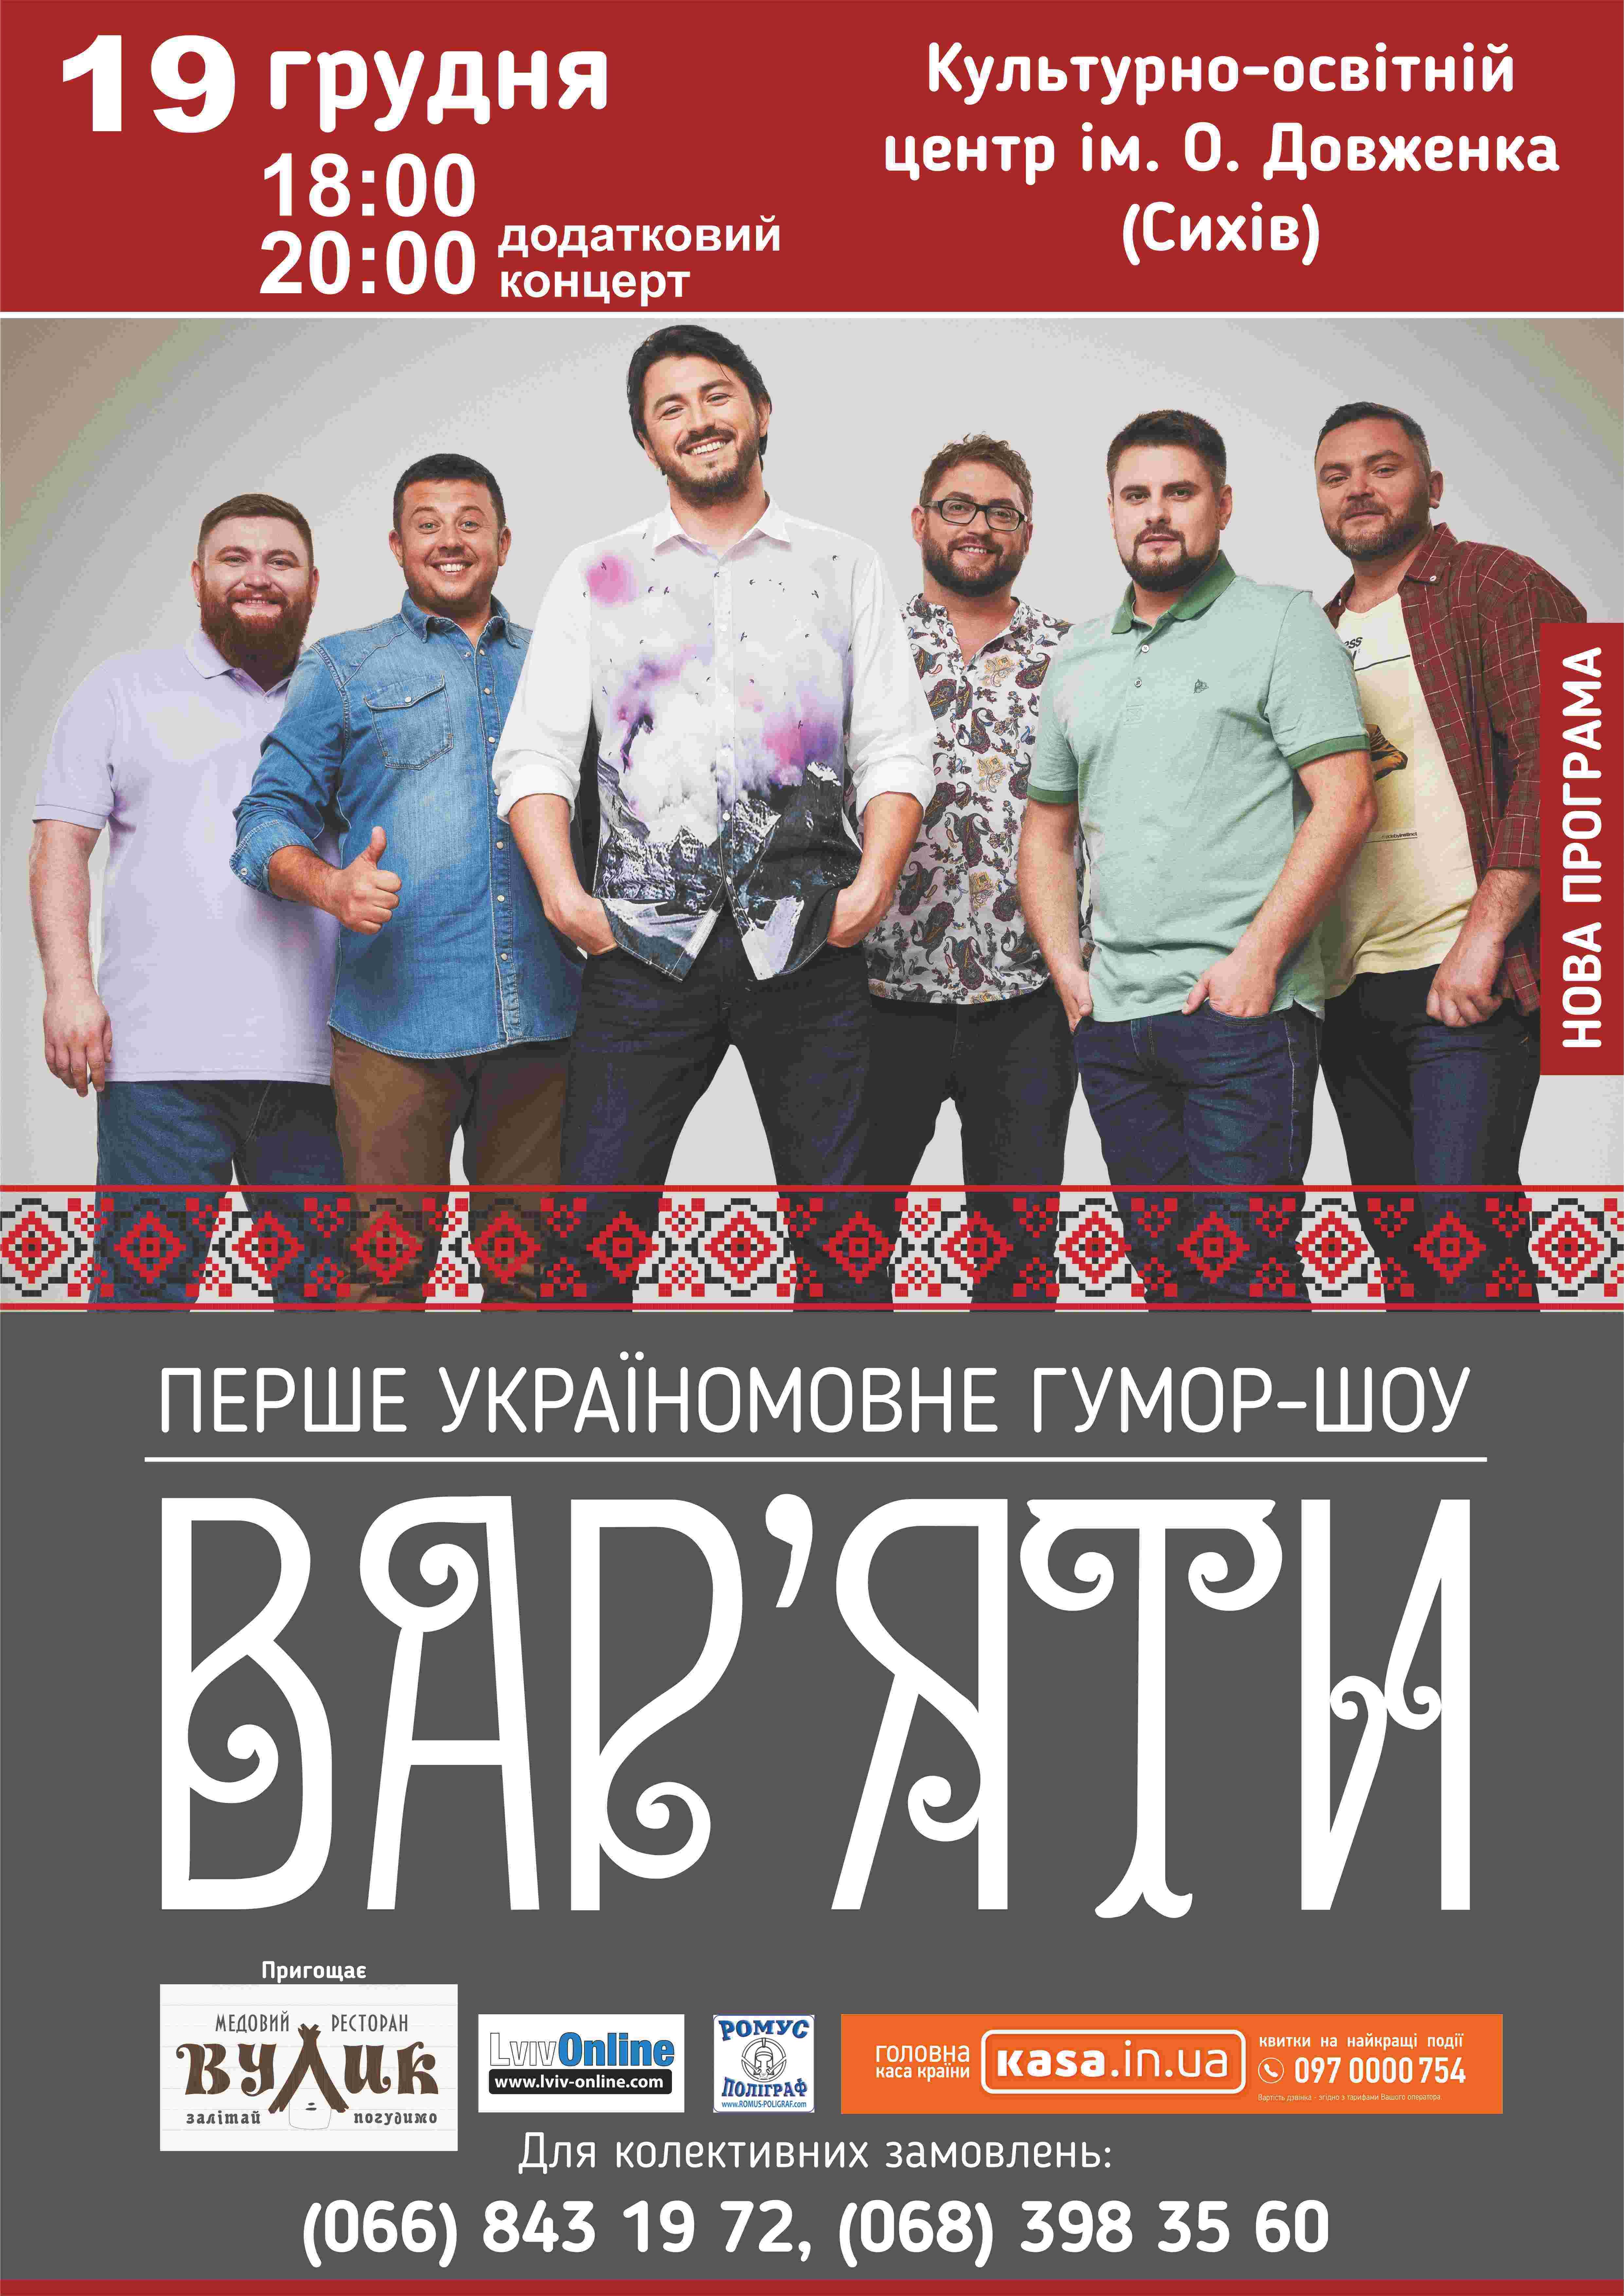 """Додатковий концерт """"Гумор-шоу Сергія Притули """"Вар*яти"""""""